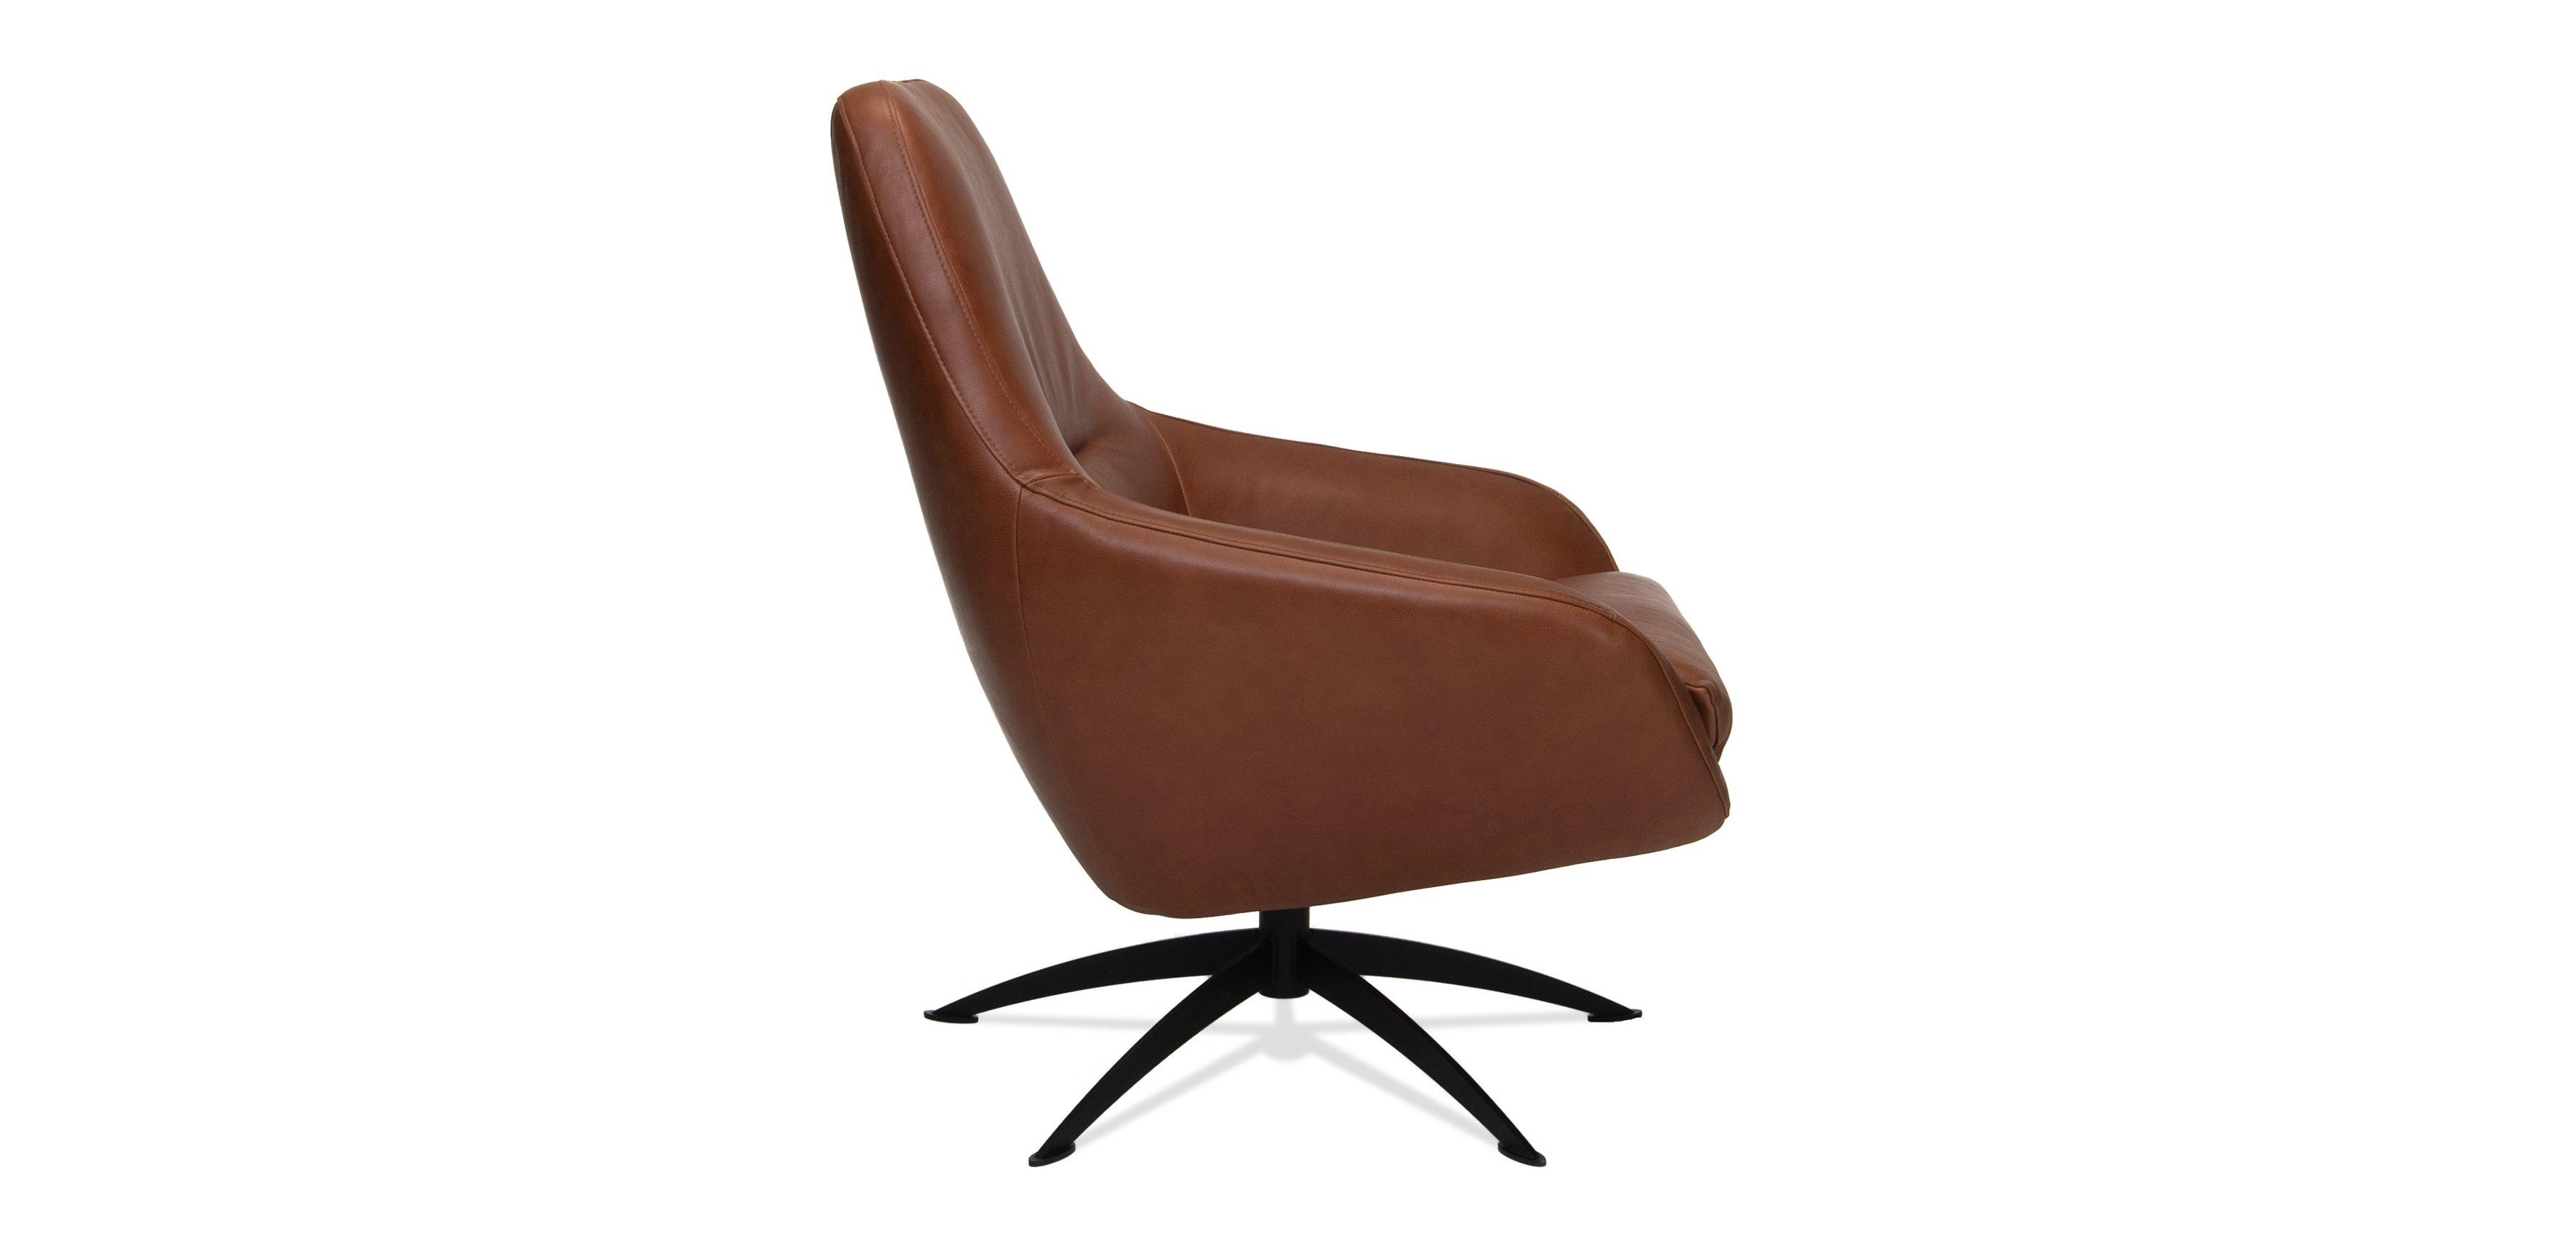 Specter fauteuil DYYK 4